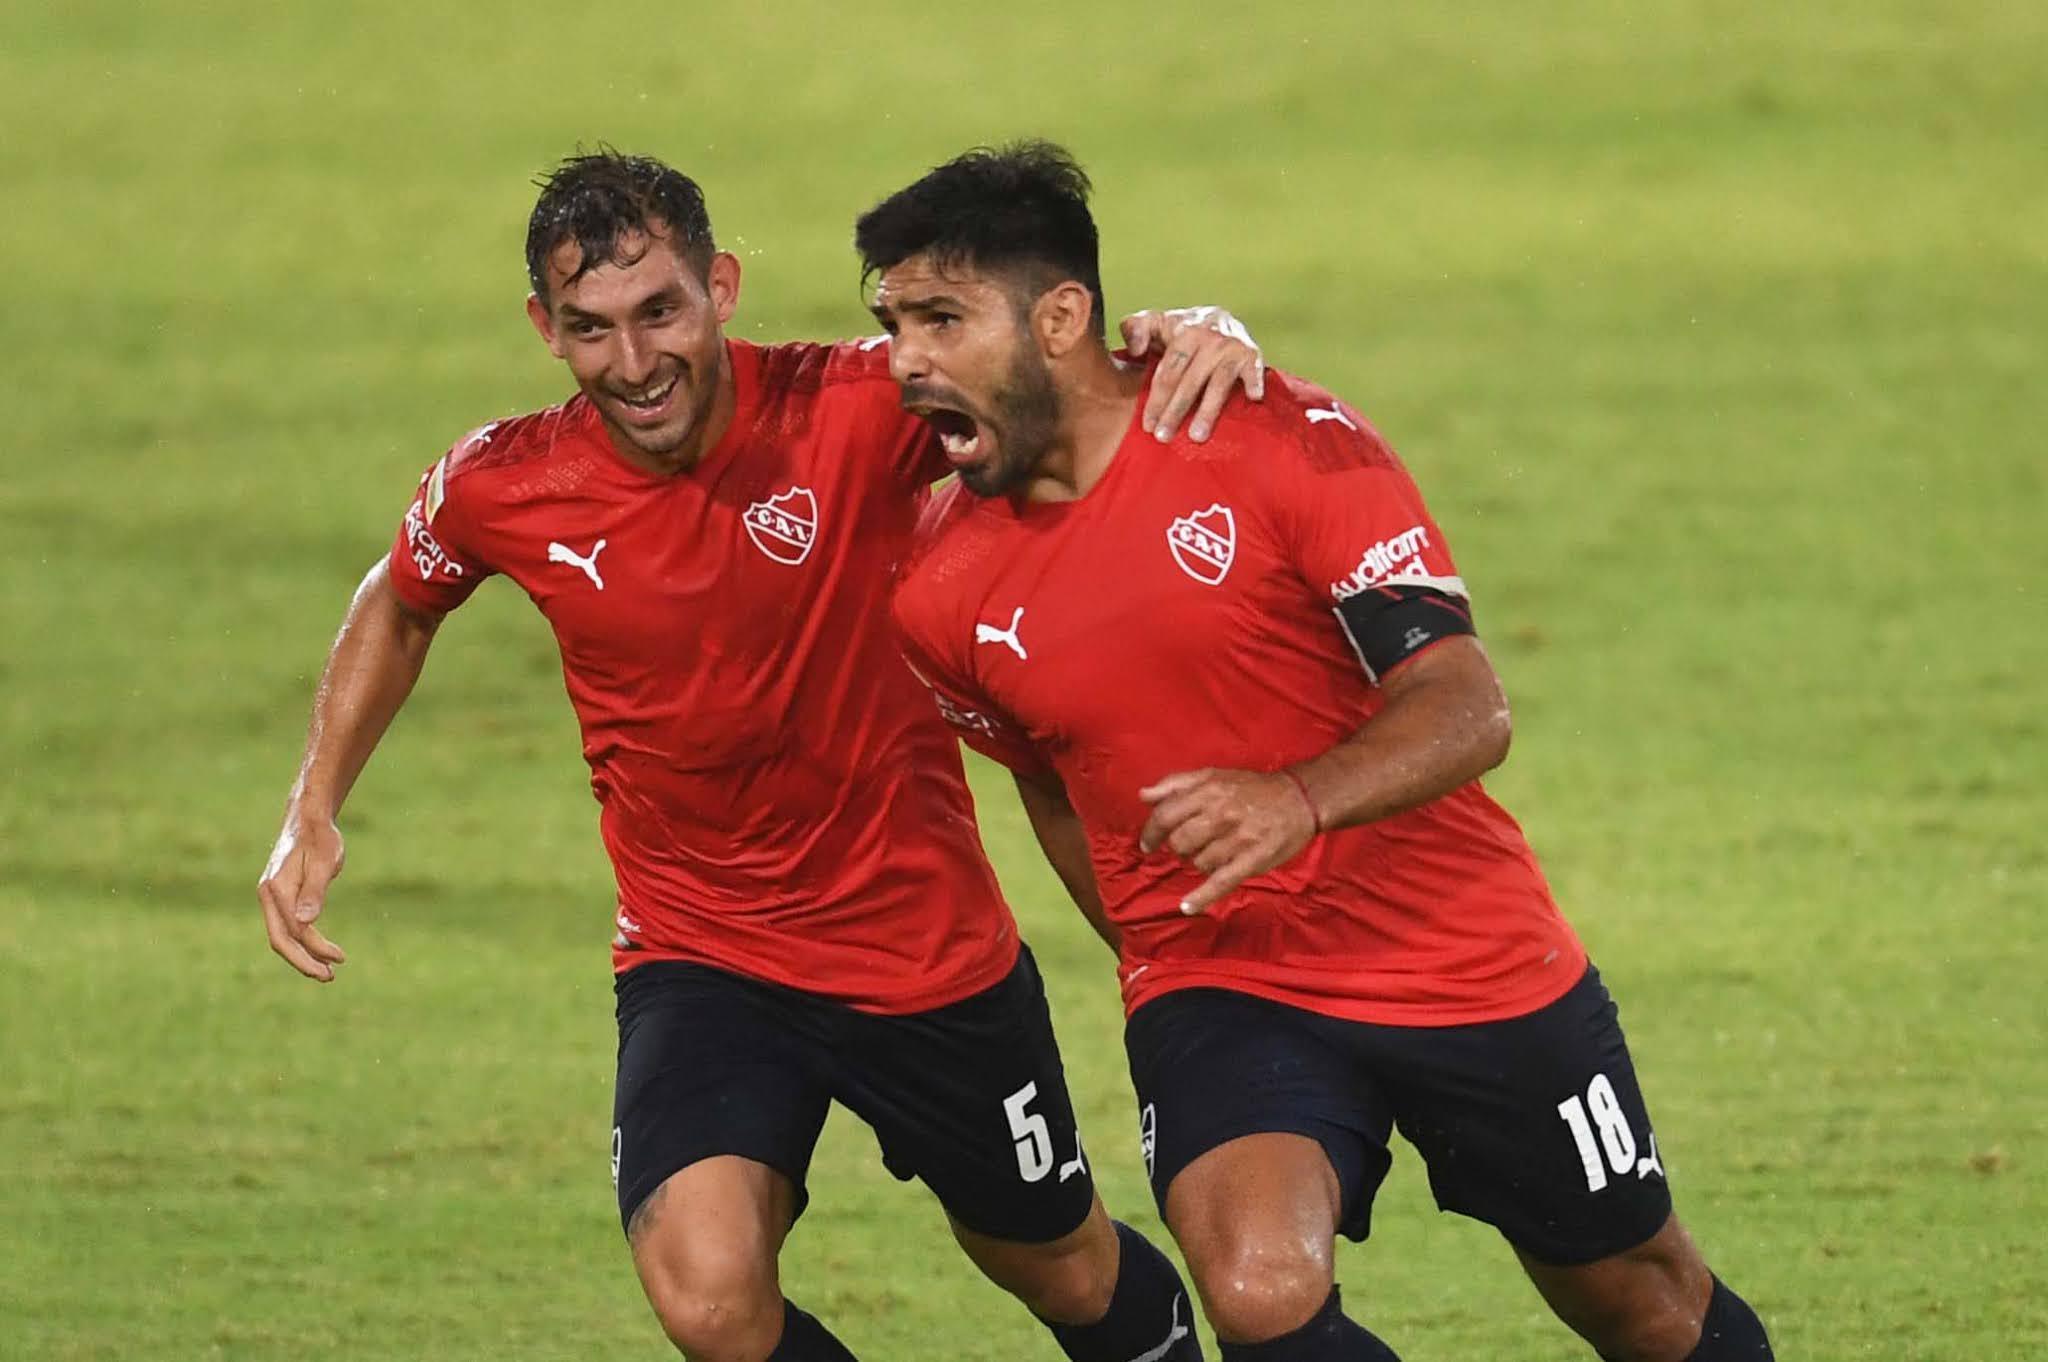 Independiente concretó una goleada descomunal ante Sarmiento y lidera la Zona 2